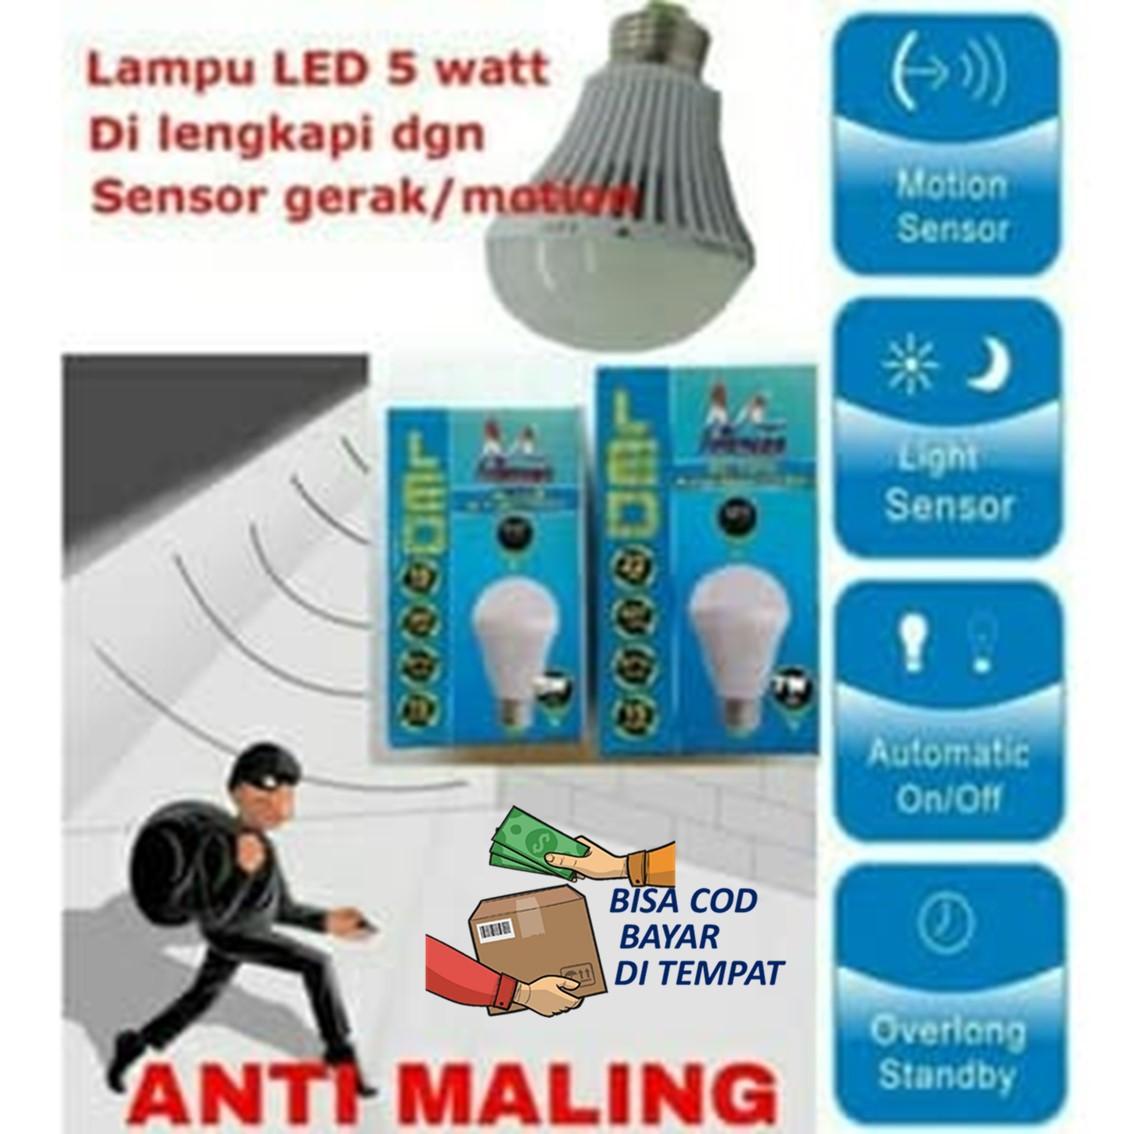 Kelebihan 60cm Lampu Barbershop Kecil Bulb Bohlam Tukang Cukur Salon Barber Sensor Gerak 7 Watt Mitsuyama Ms L1307 Gudang Otomatis